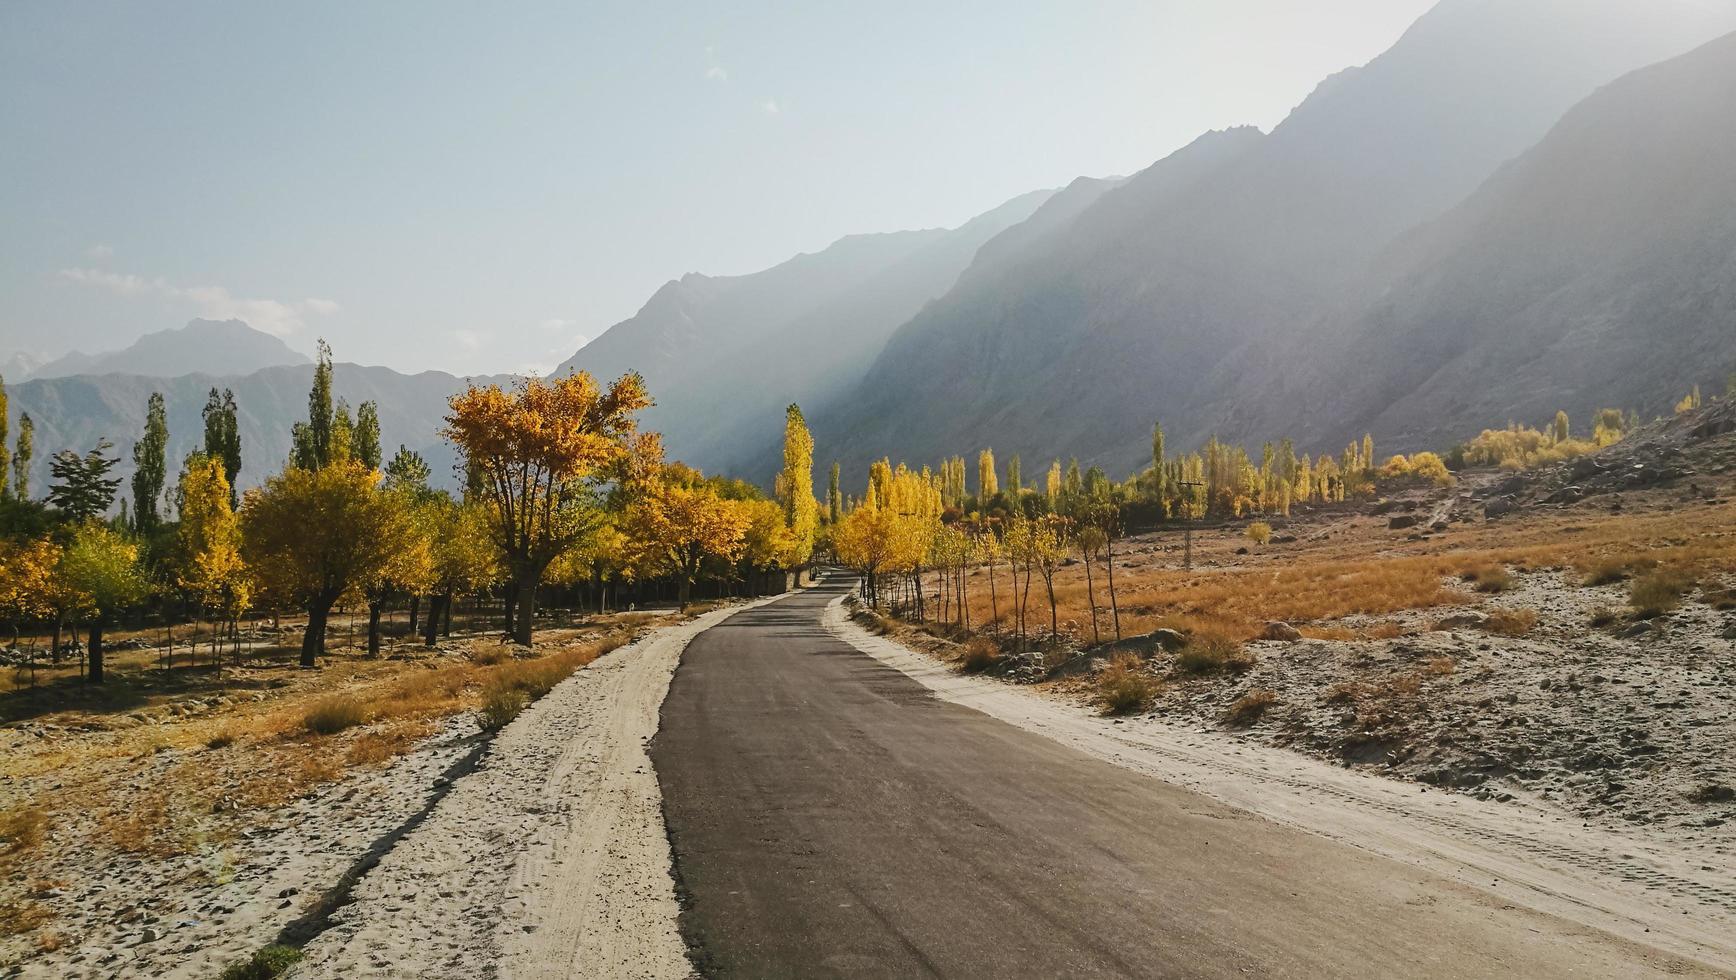 Feuillage d'automne à thorgo avec vue sur la chaîne de montagnes photo